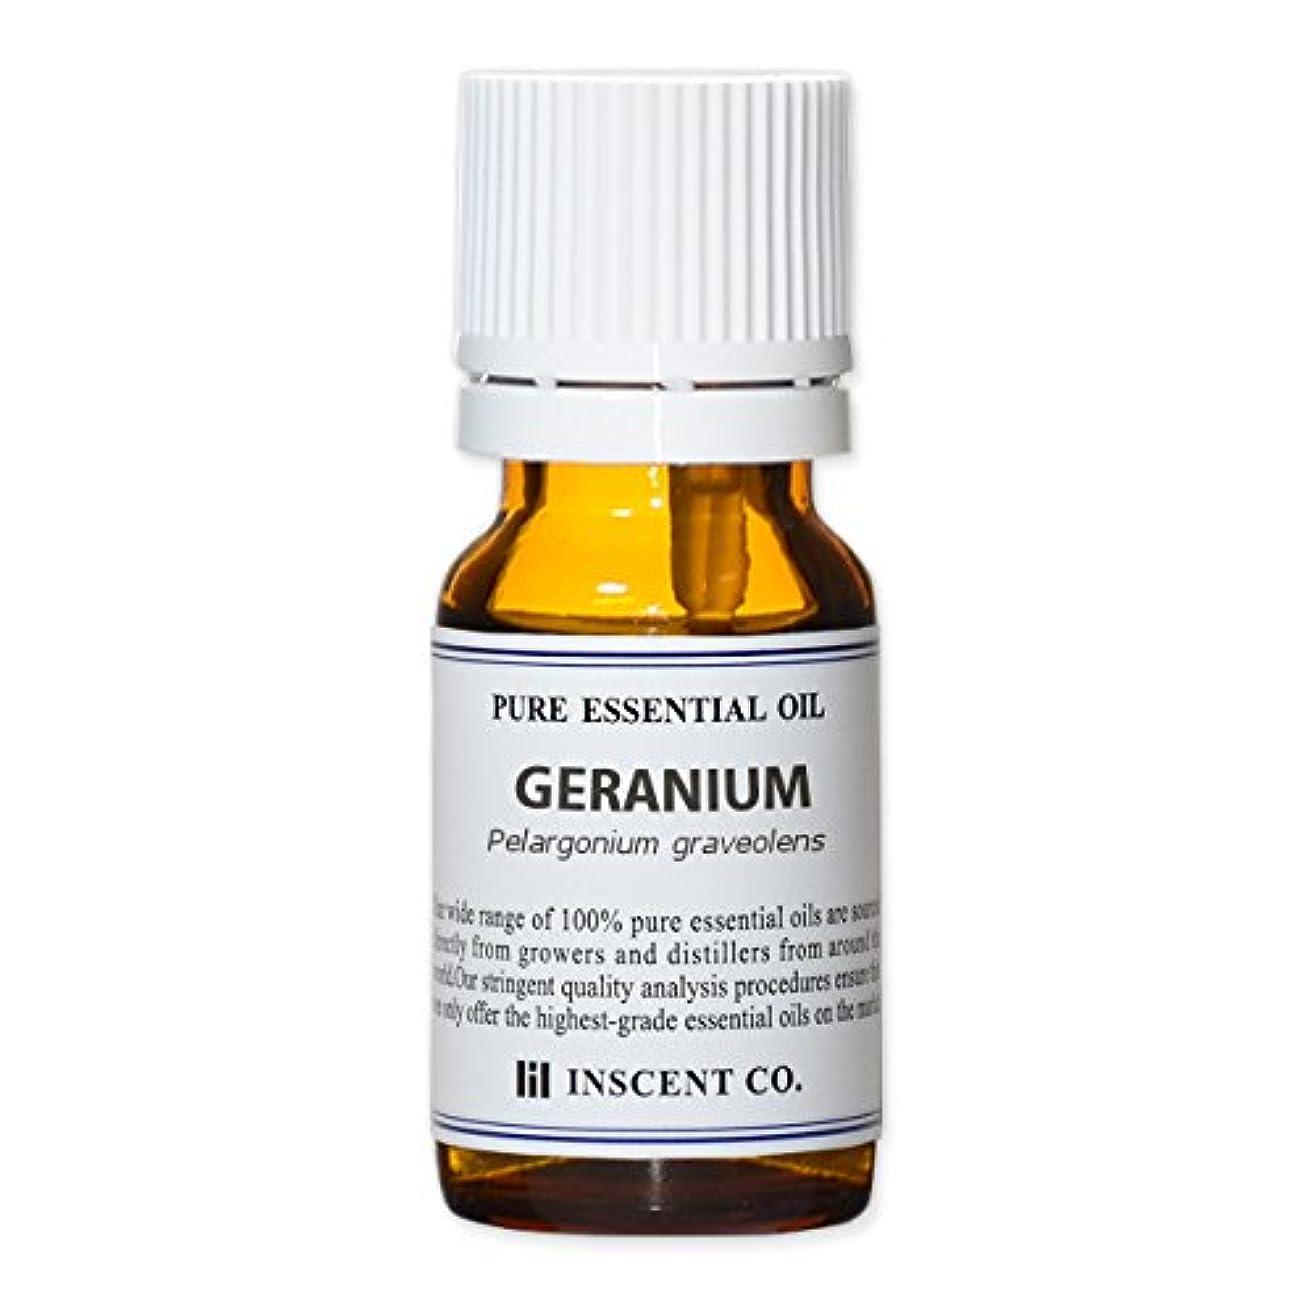 男性外交問題和解するゼラニウム 10ml インセント エッセンシャルオイル 精油 アロマオイル